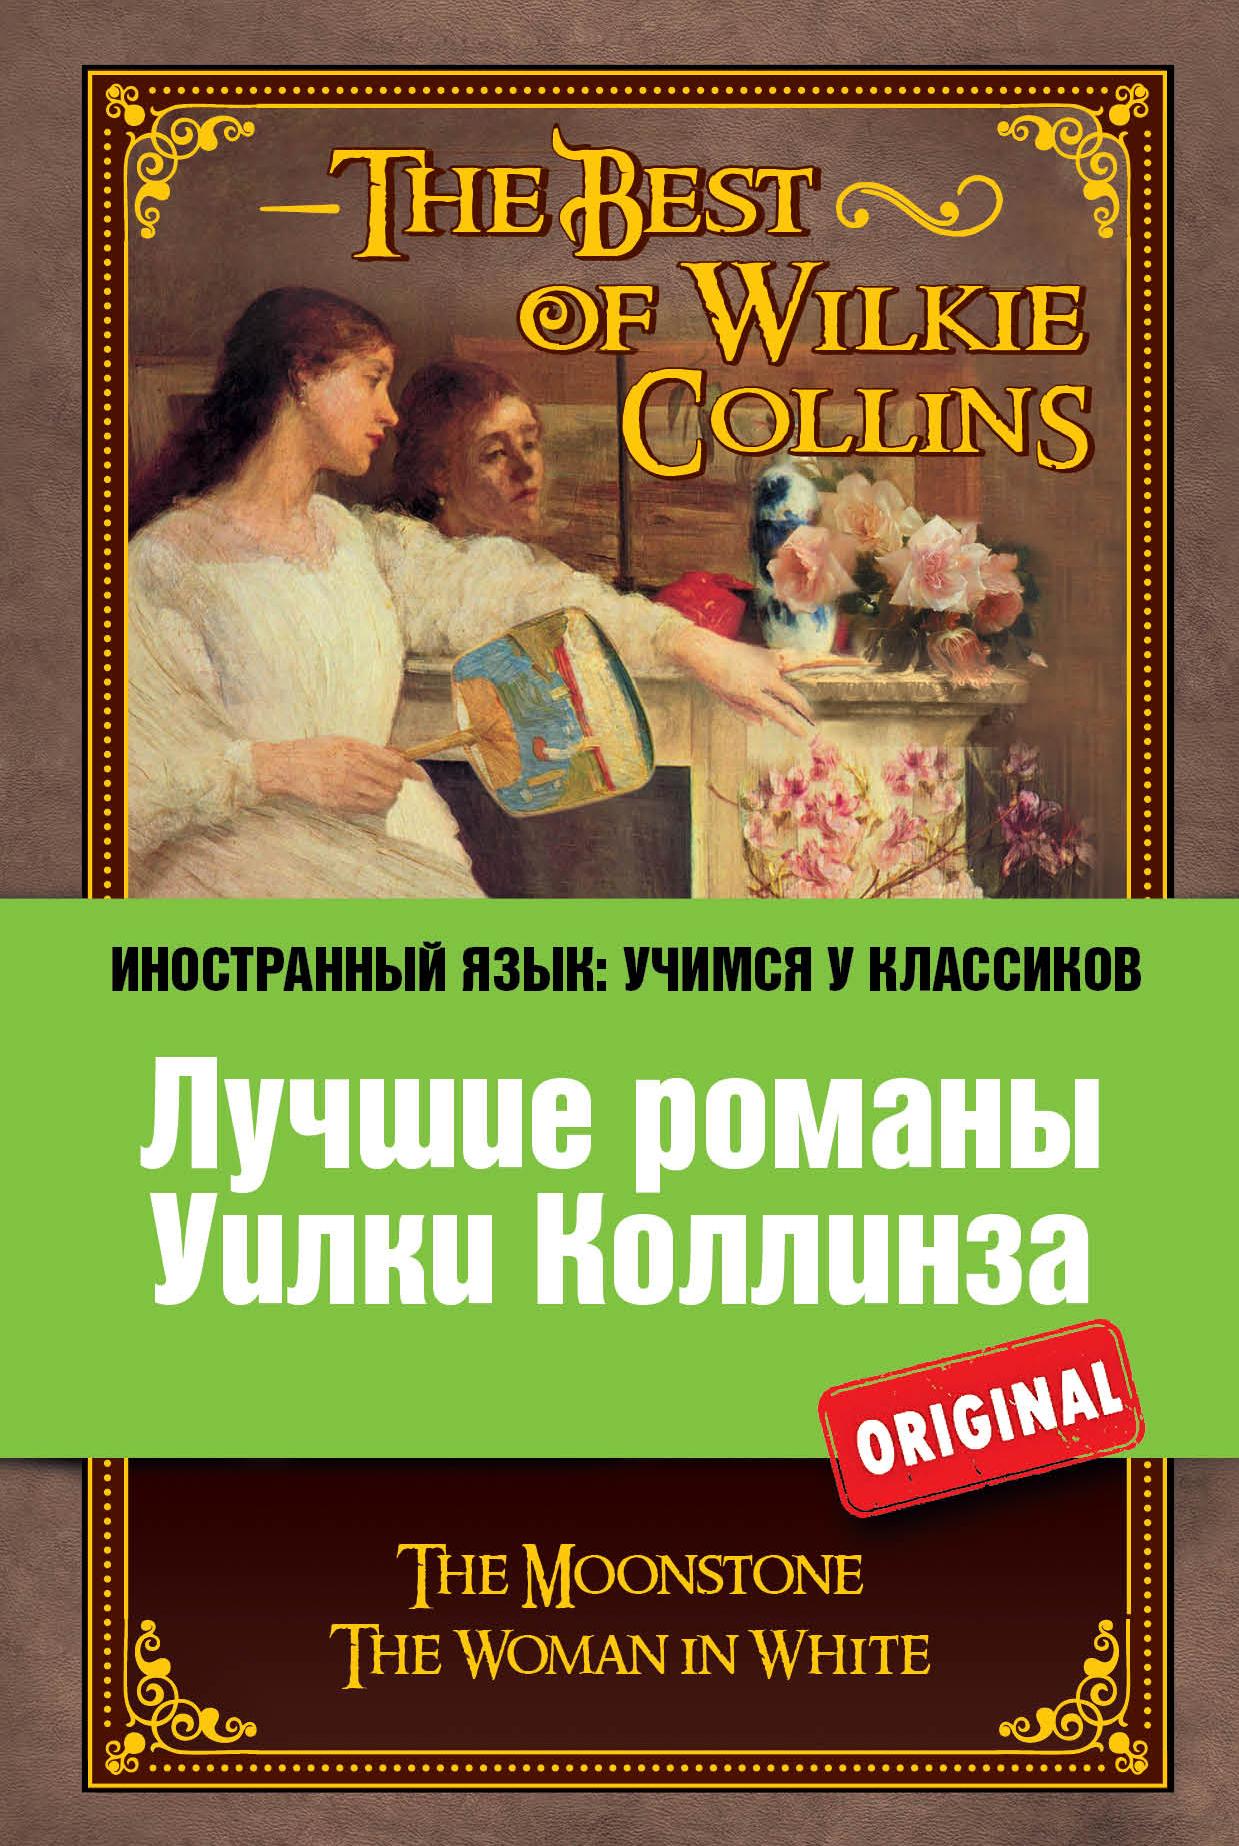 Лучшие романы Уилки Коллинза: Лунный камень, Женщина в белом